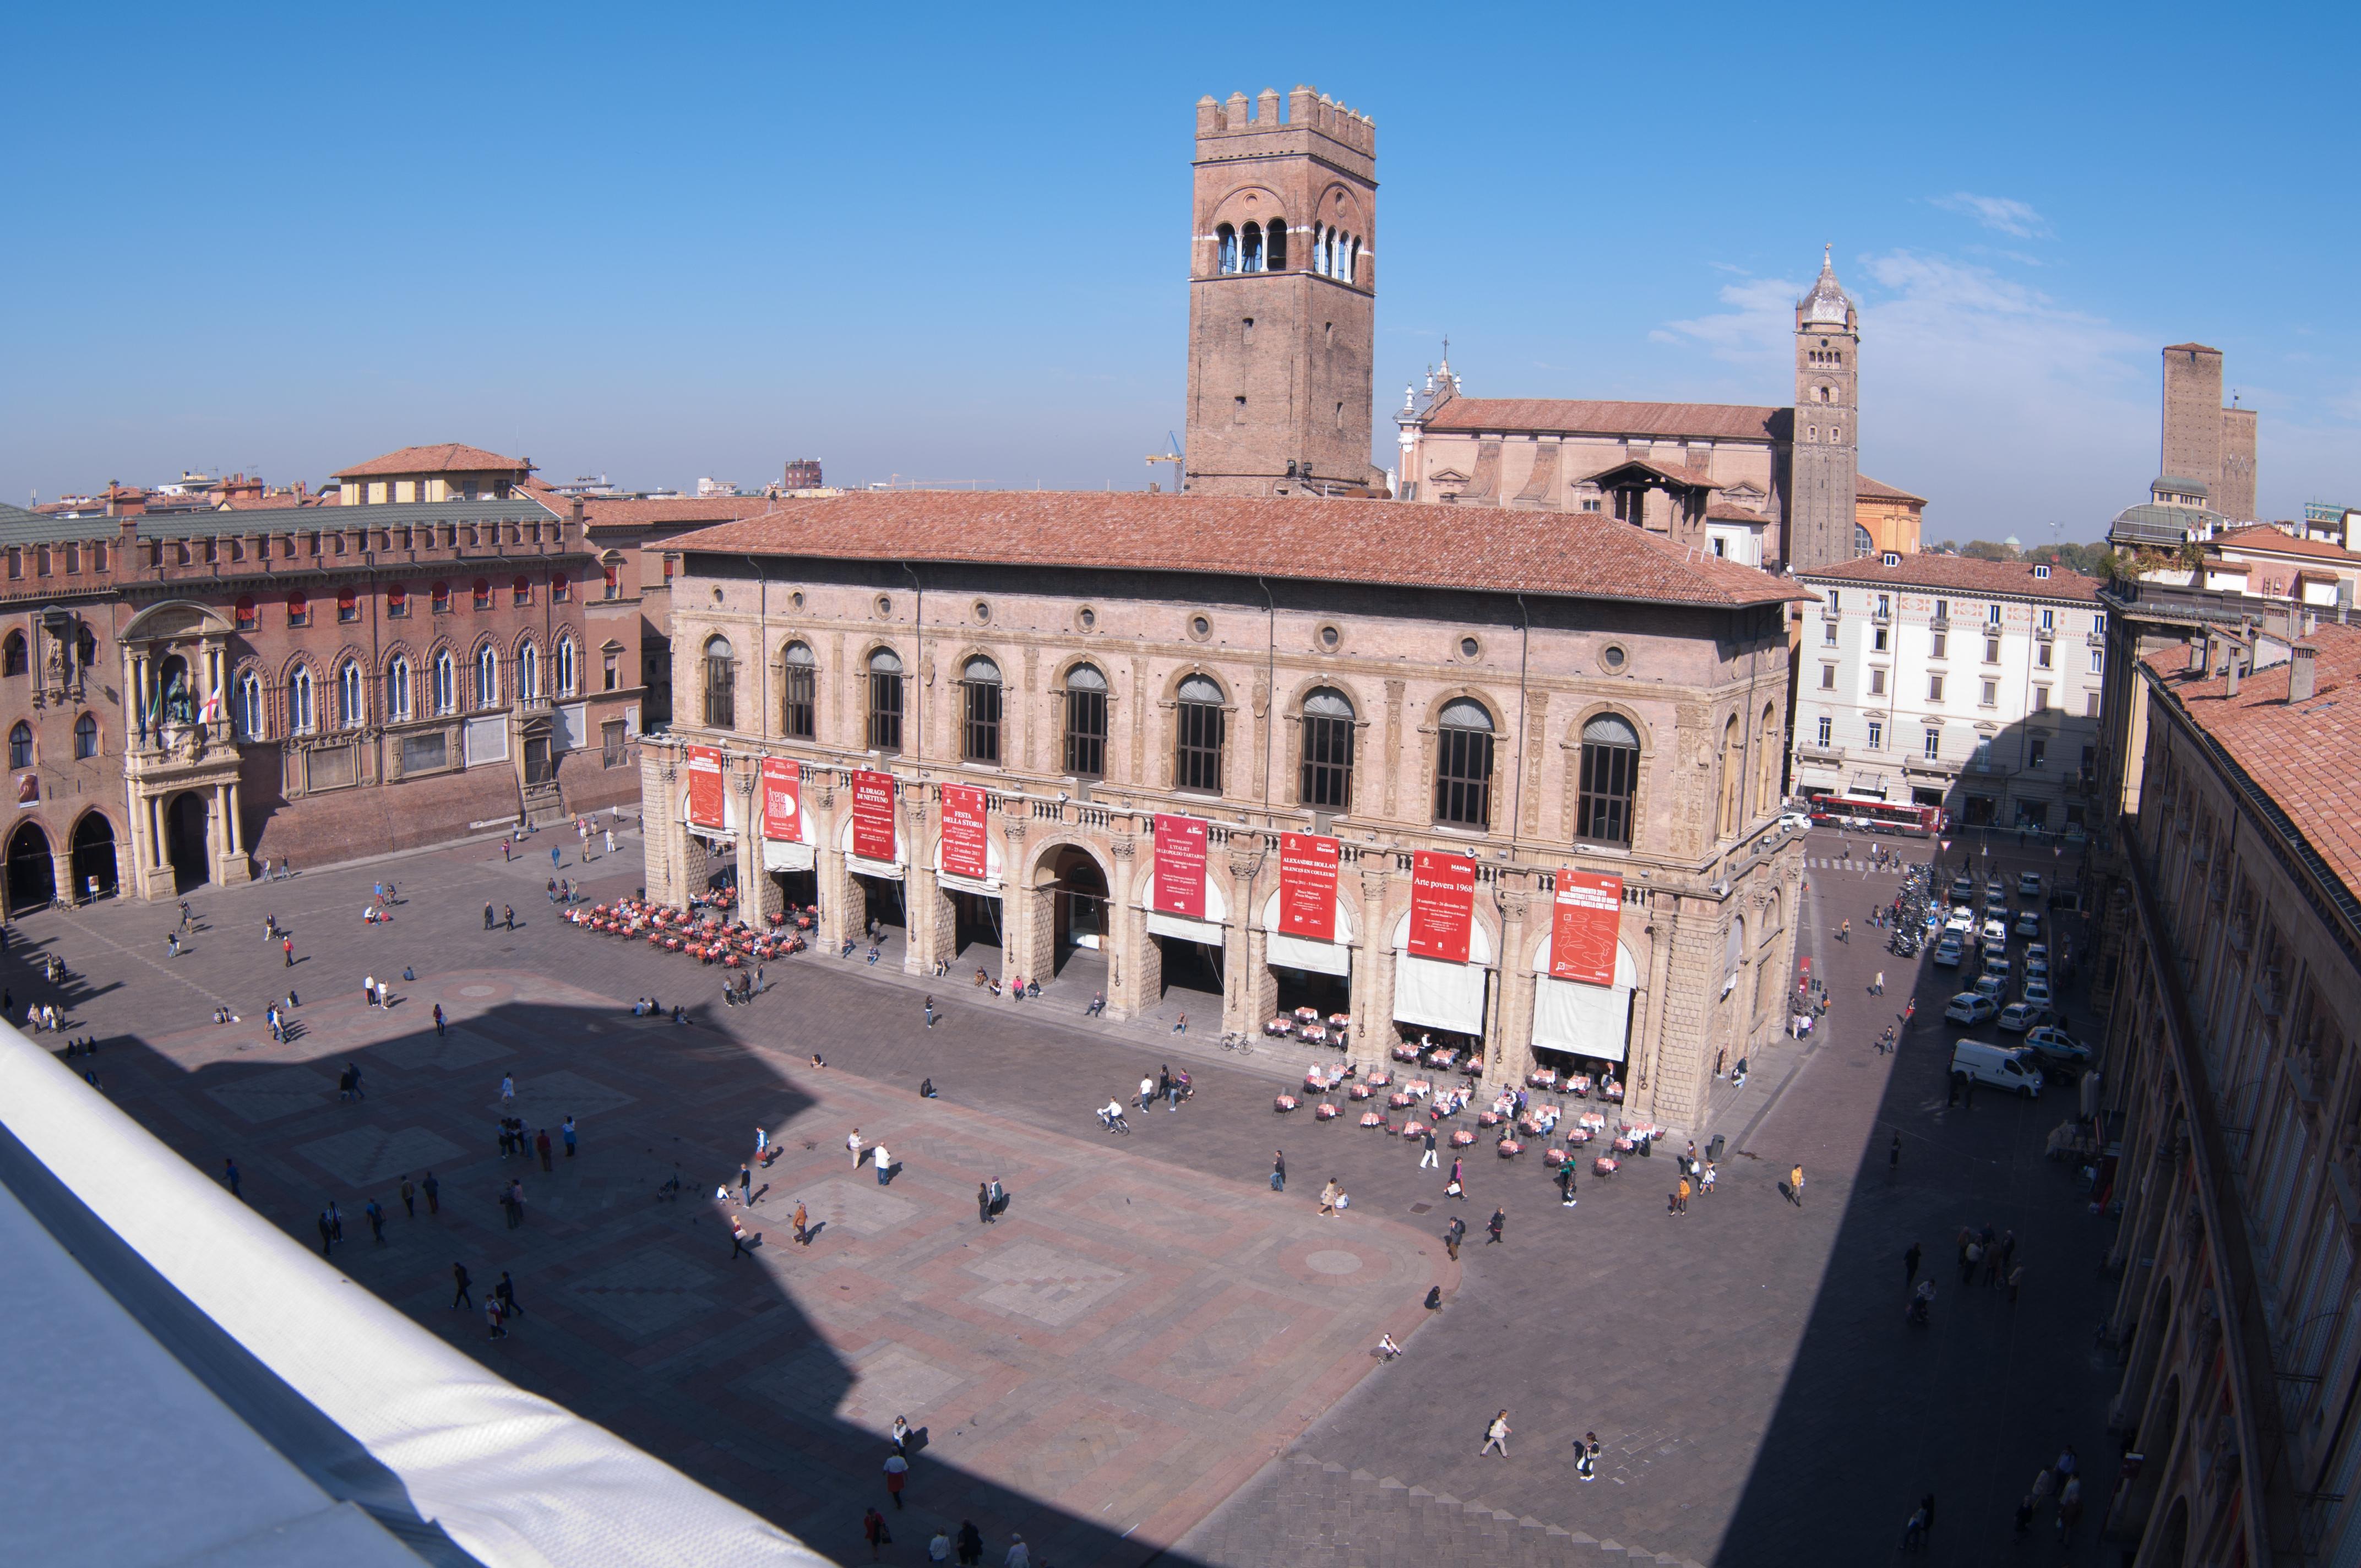 Datei:Piazza Maggiore vista dalla terrazza di San Petronio.jpg ...